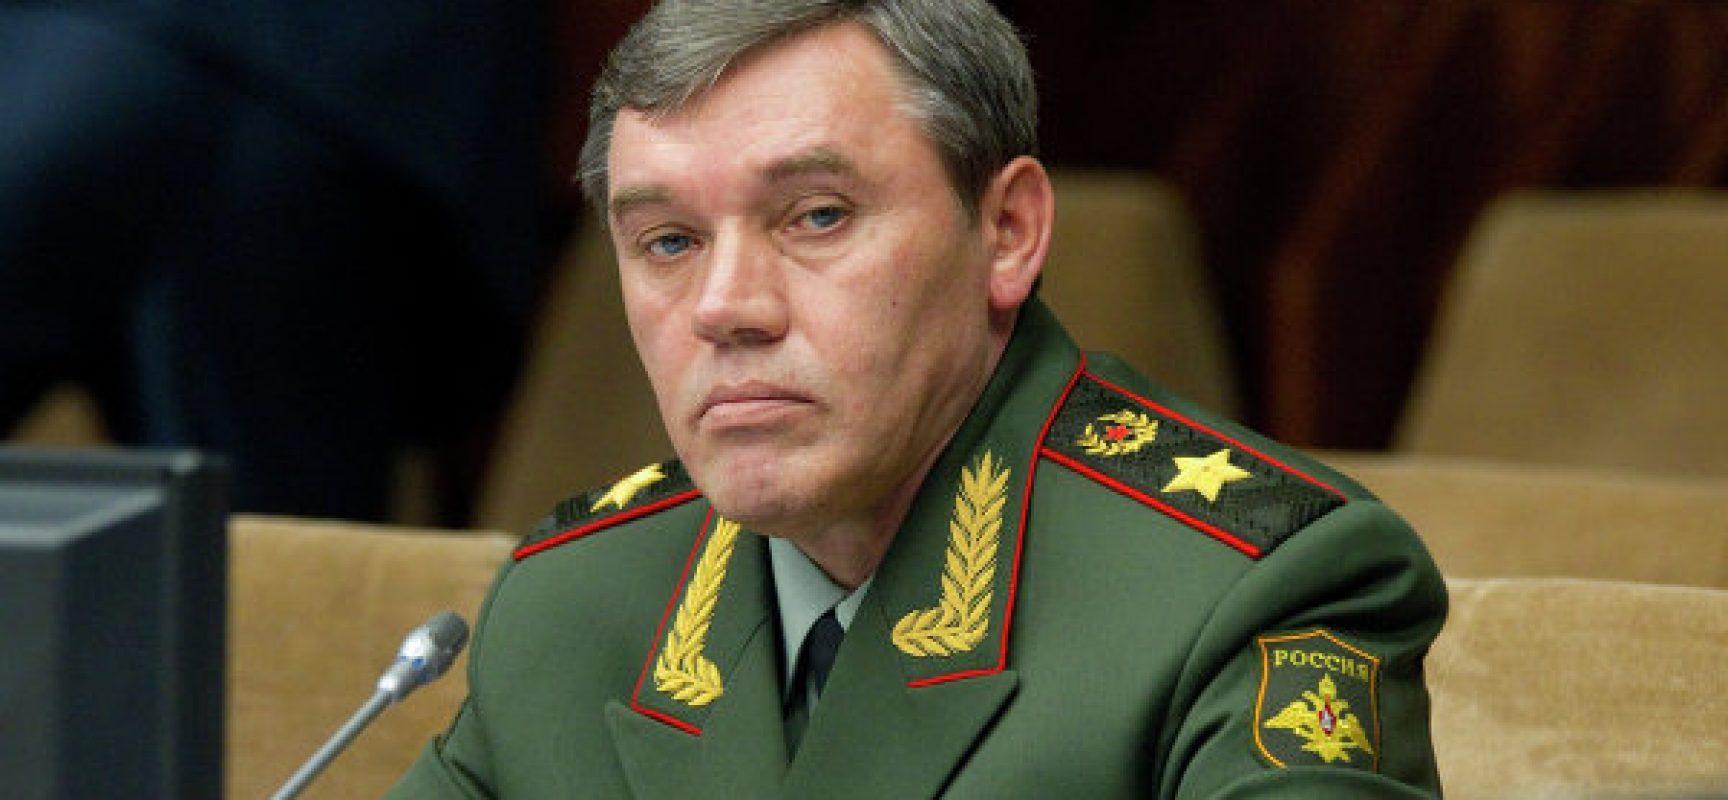 La Russia vuole generare il caos